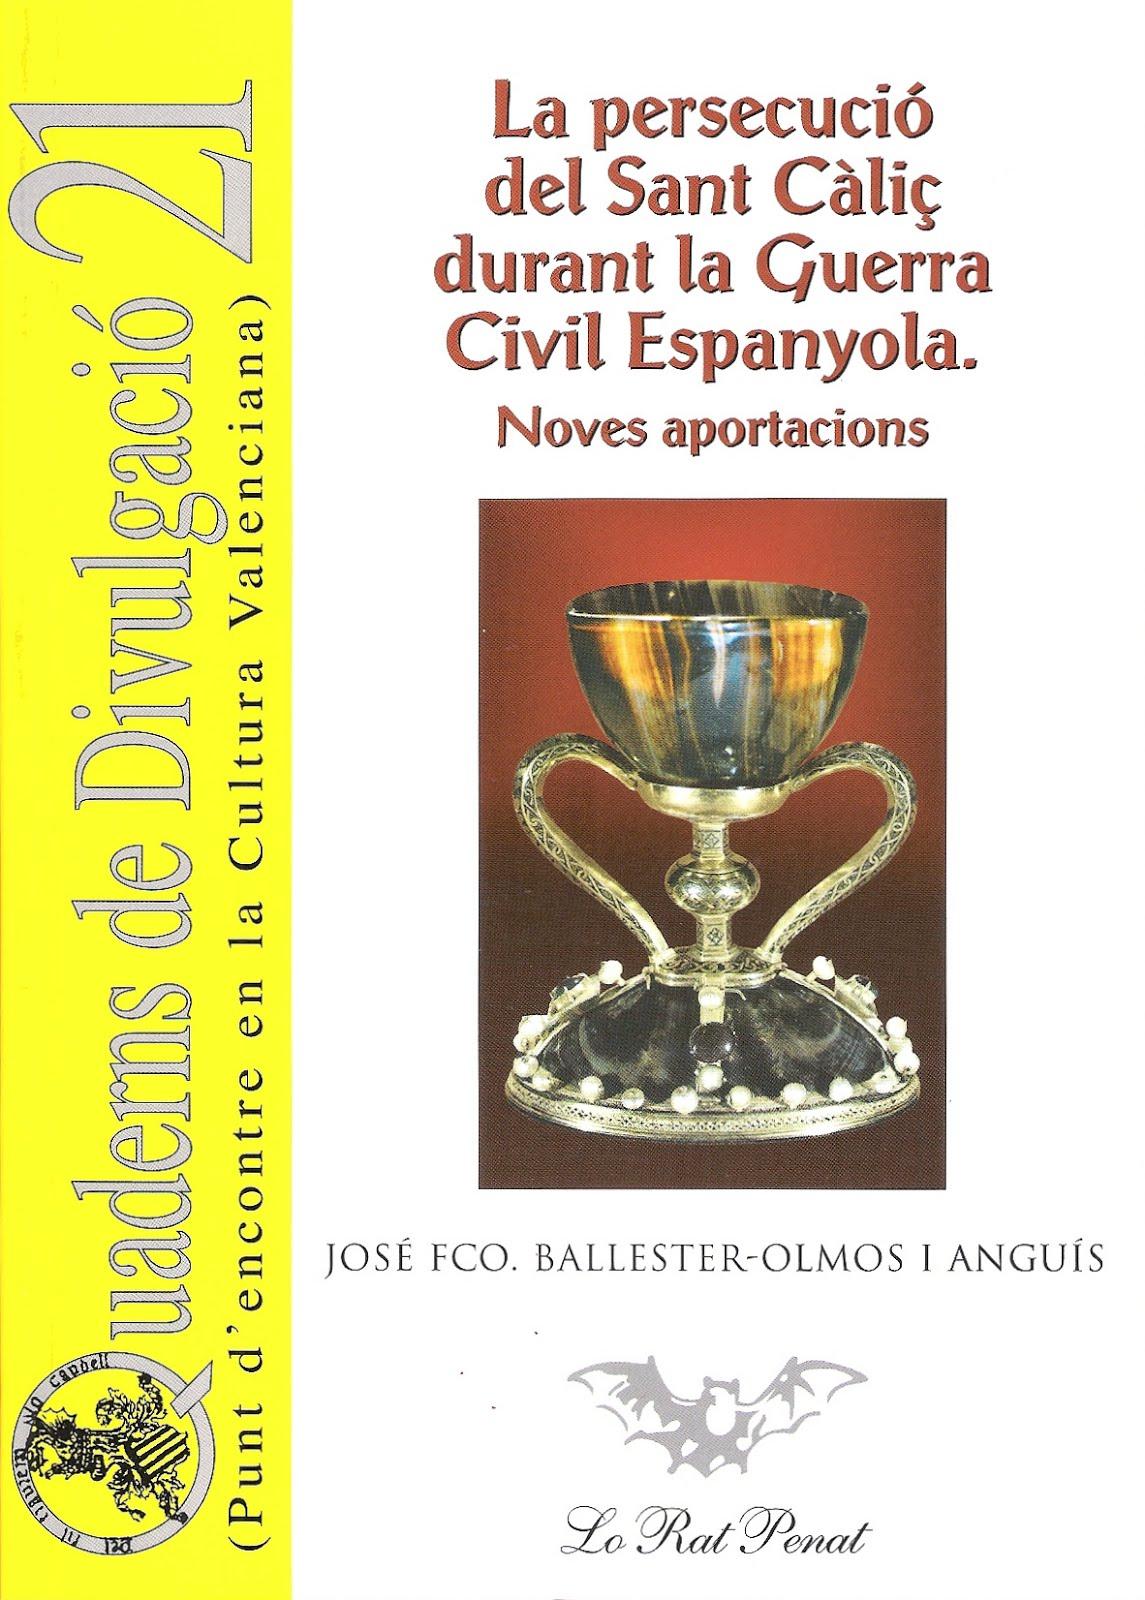 08.06.15 PRESENTACIO DEL LLIBRE DE BALLESTER OLMOS EN LO RAT PENAT